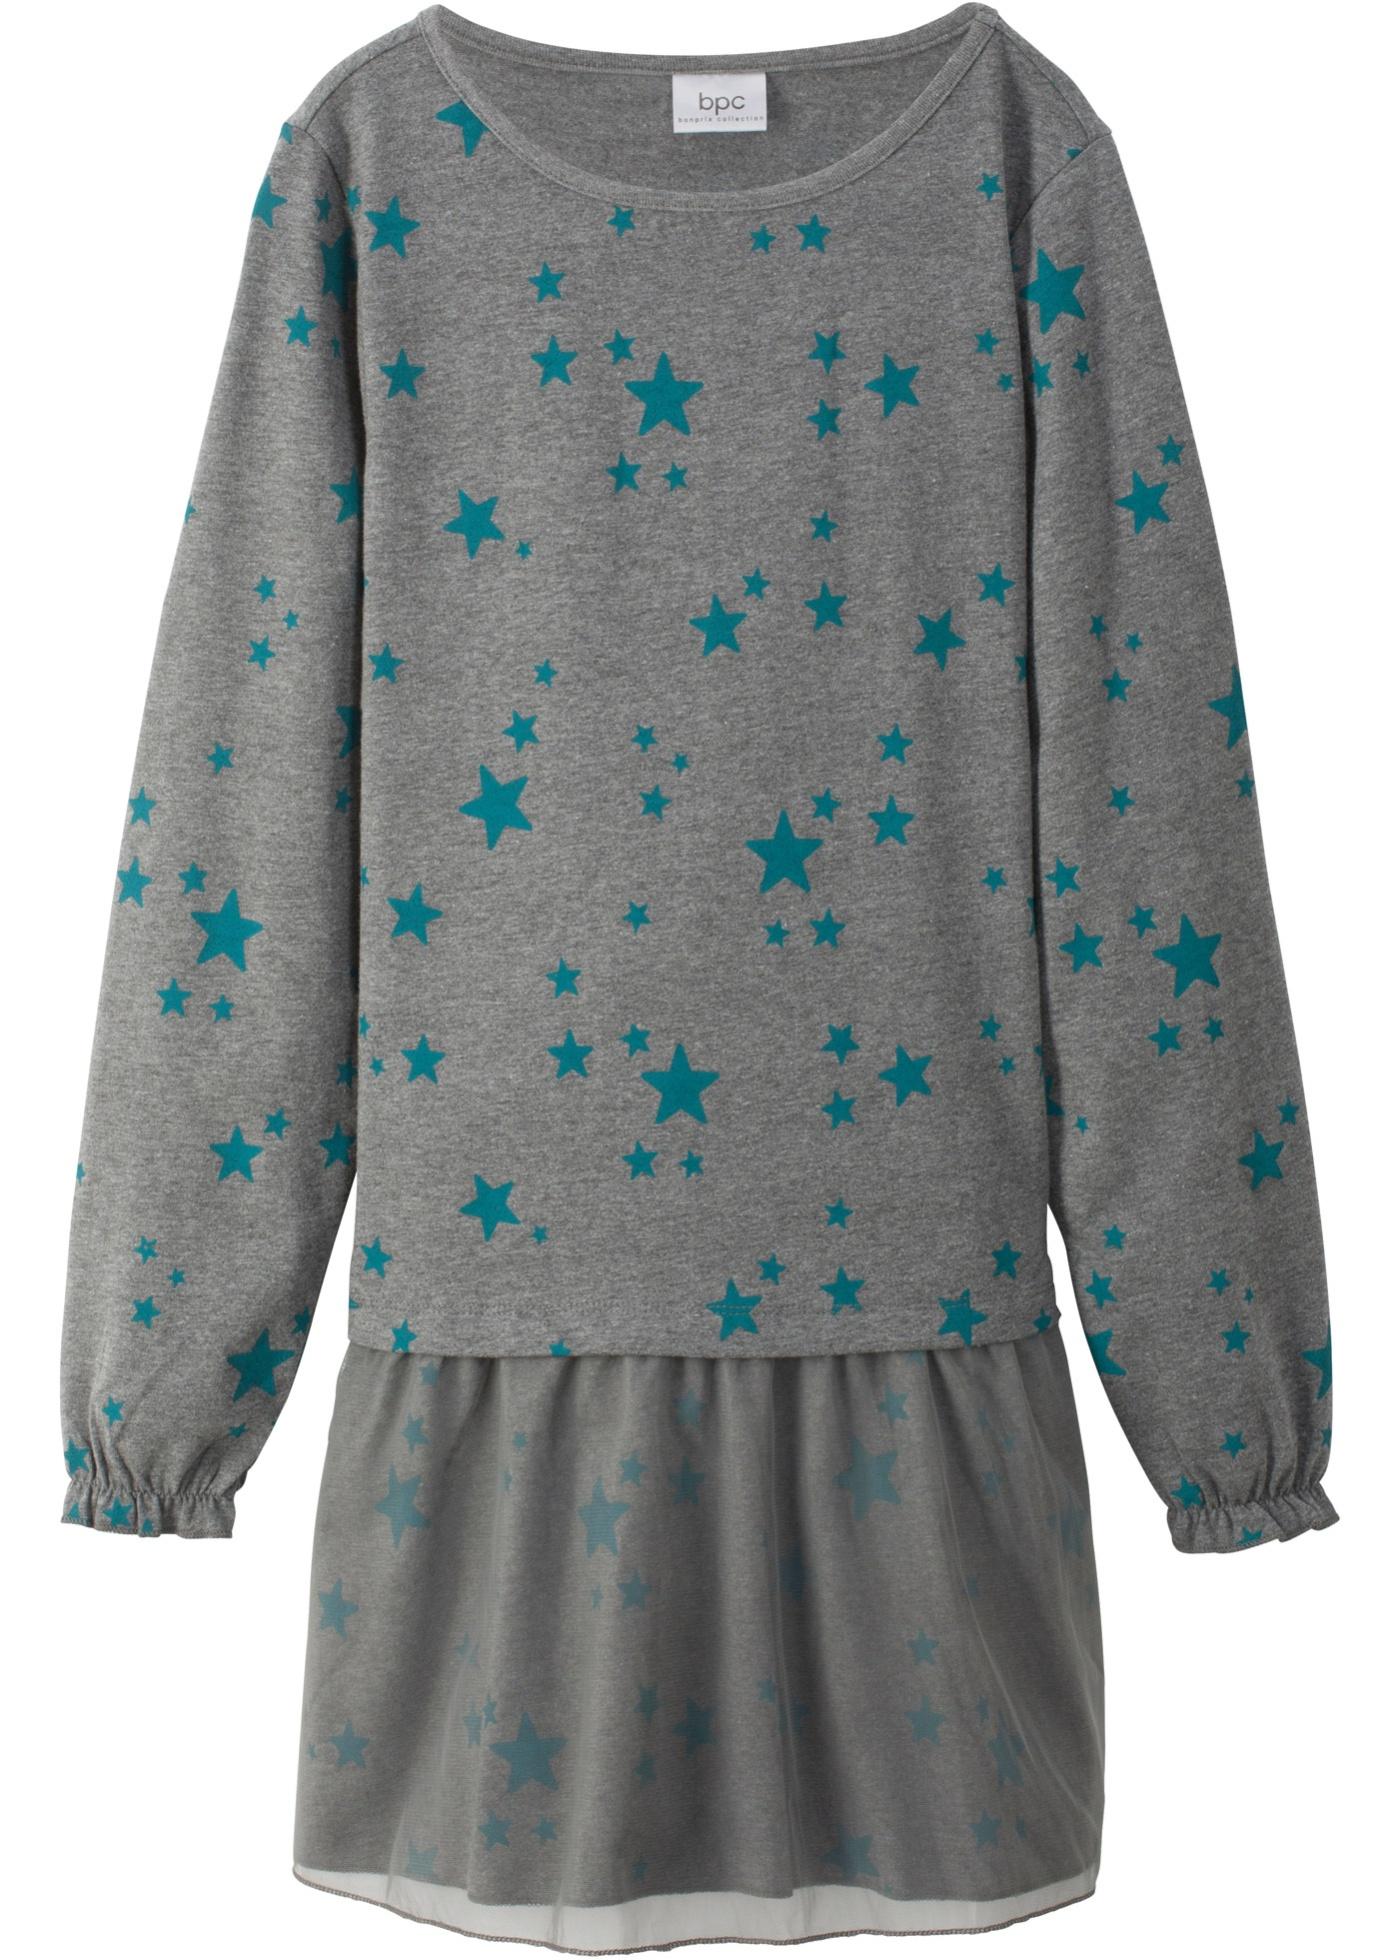 Šaty s dlouhým rukávem a tylovou sukní - Šedá e6795a9cda